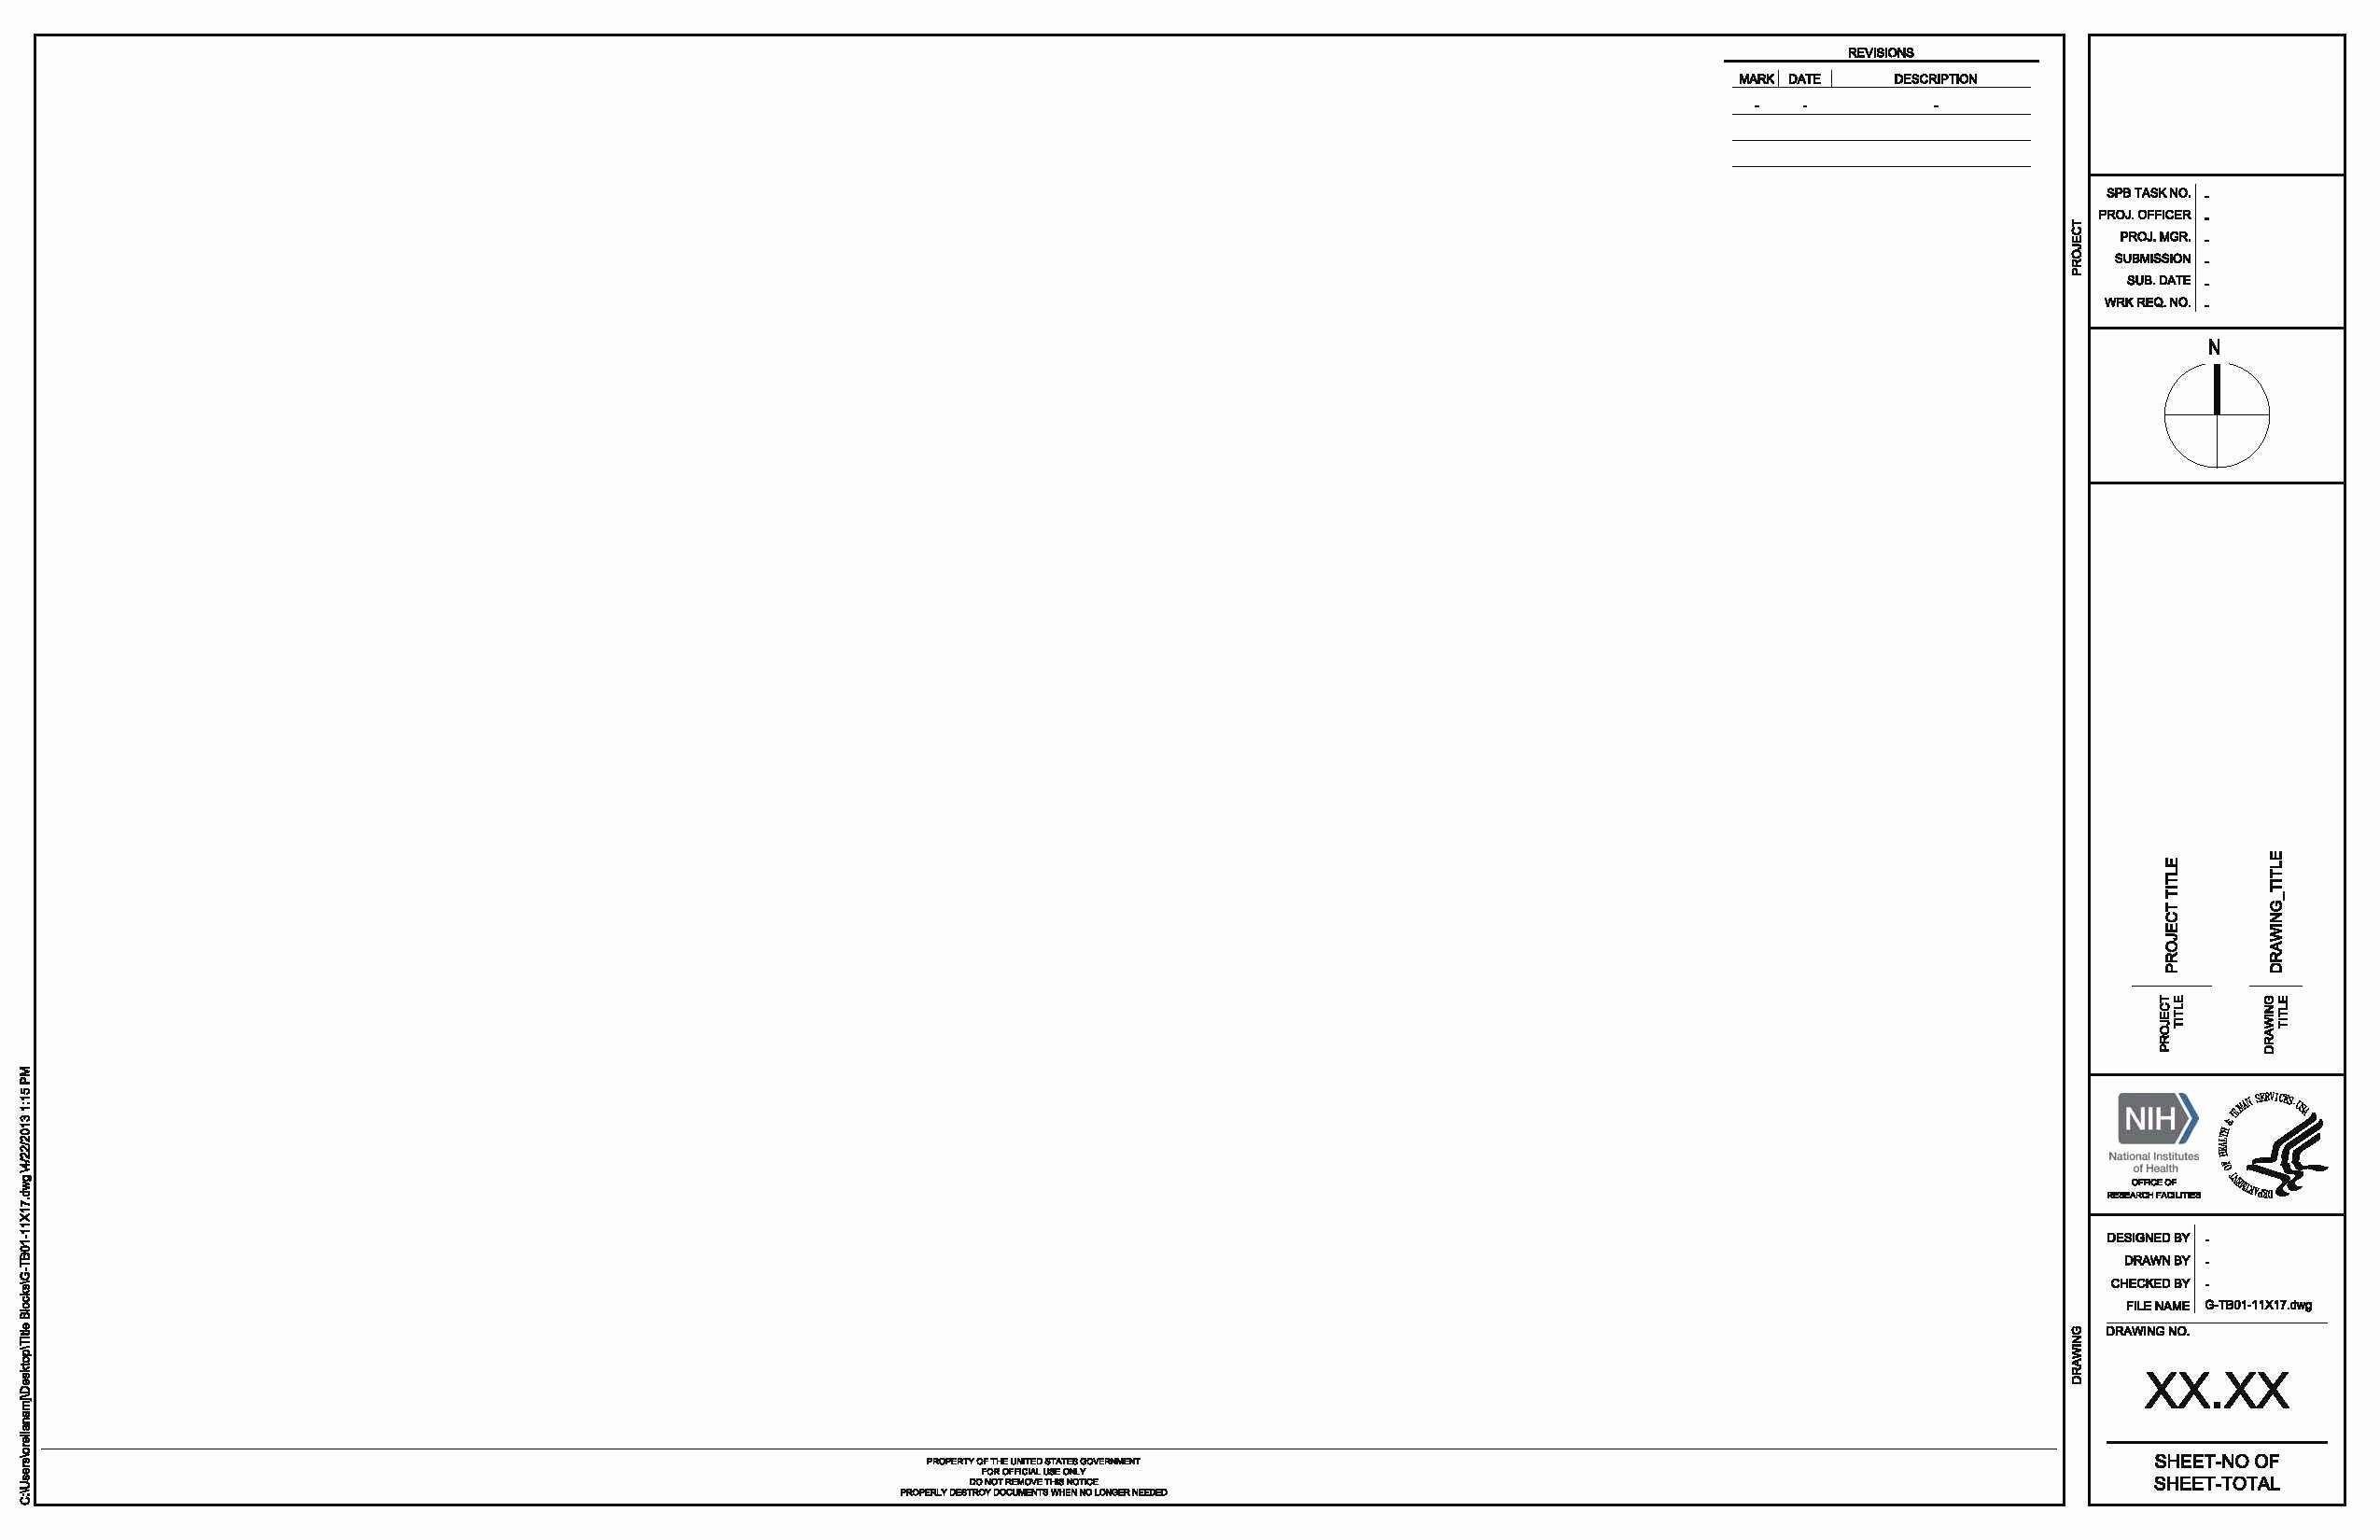 Circuit Breaker Template Ms Word Luxury Fresh Circuit Breaker Panel Label Template Excel